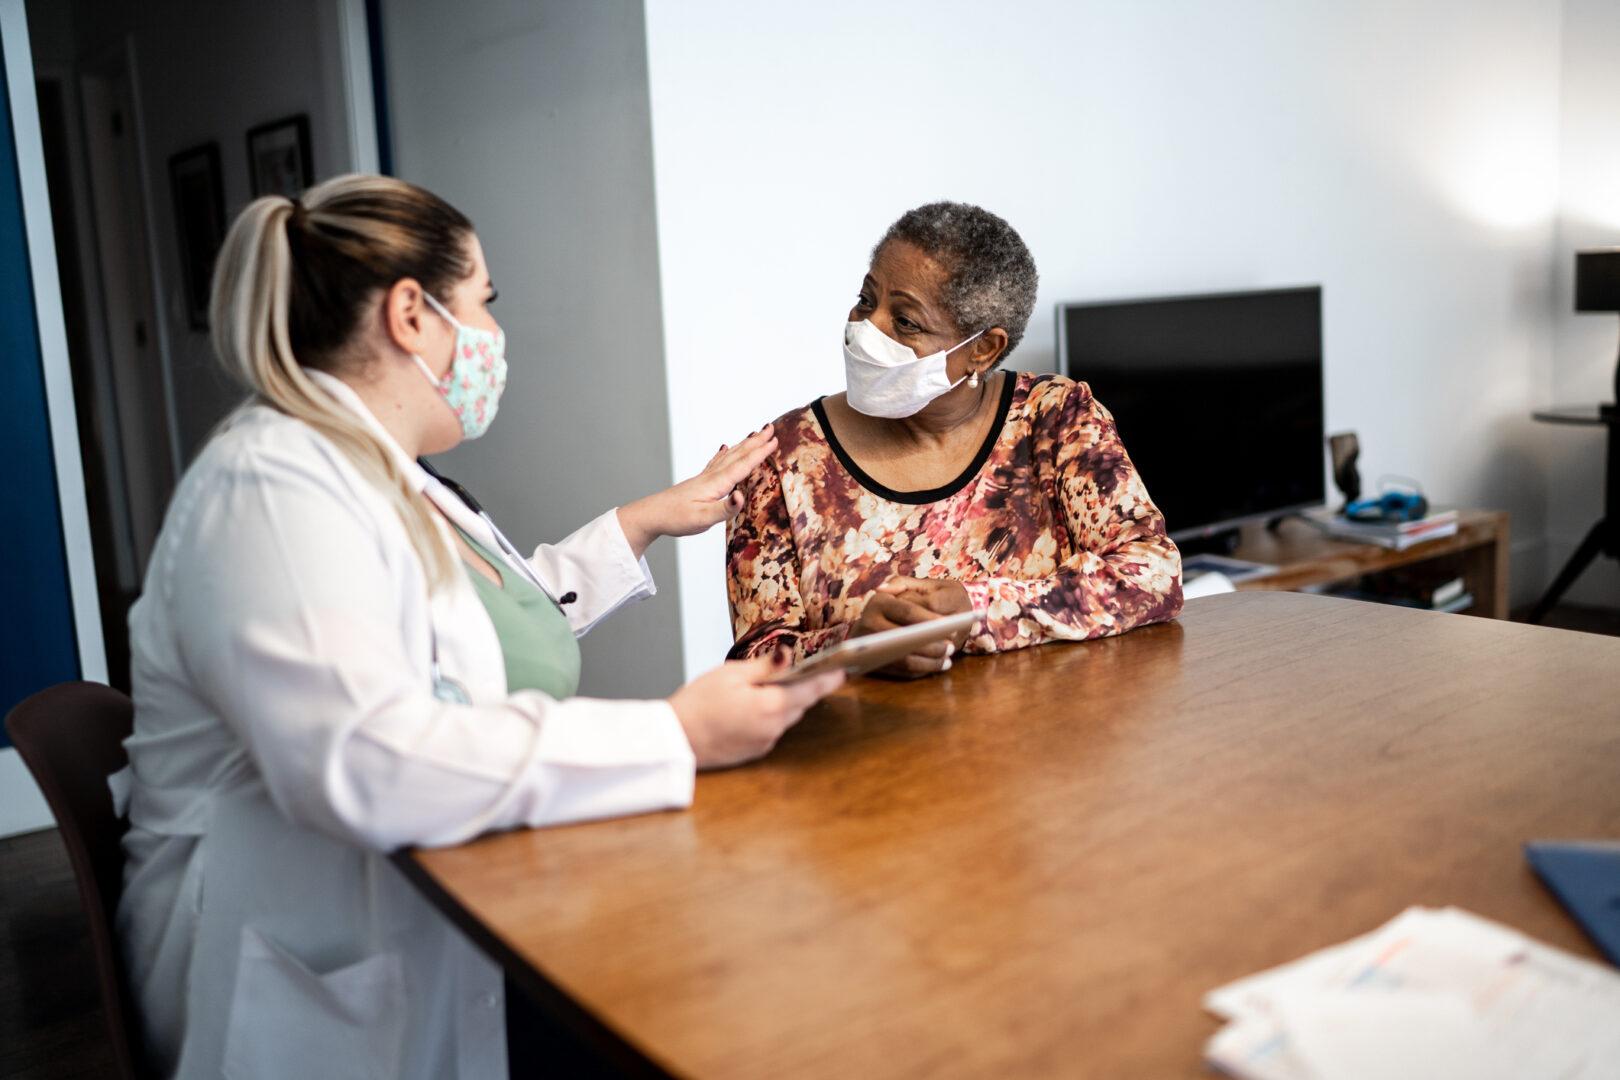 nursing home resident during delta